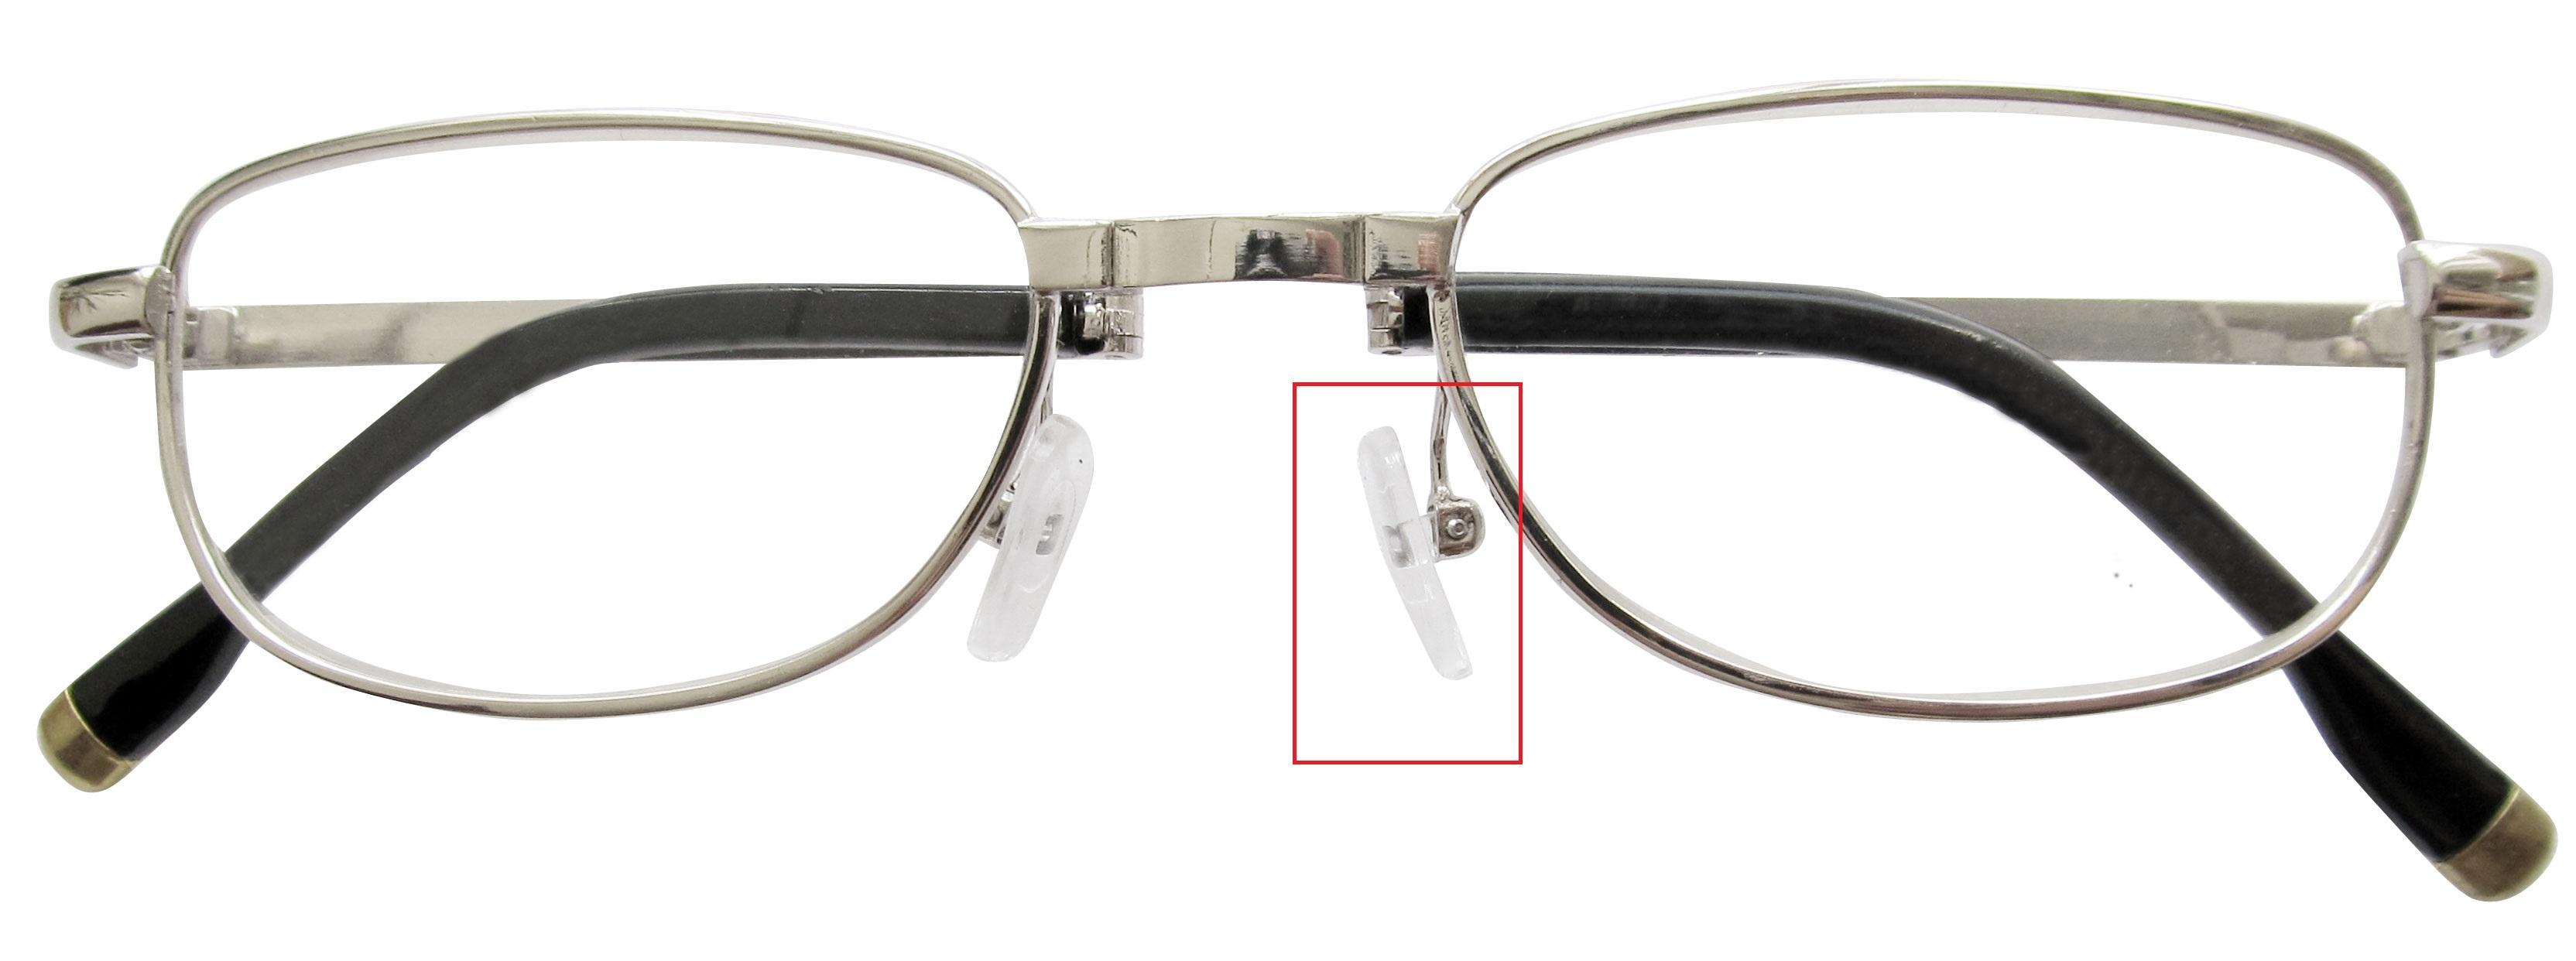 brille besch digt wie teuer die kosten schule kaputt. Black Bedroom Furniture Sets. Home Design Ideas